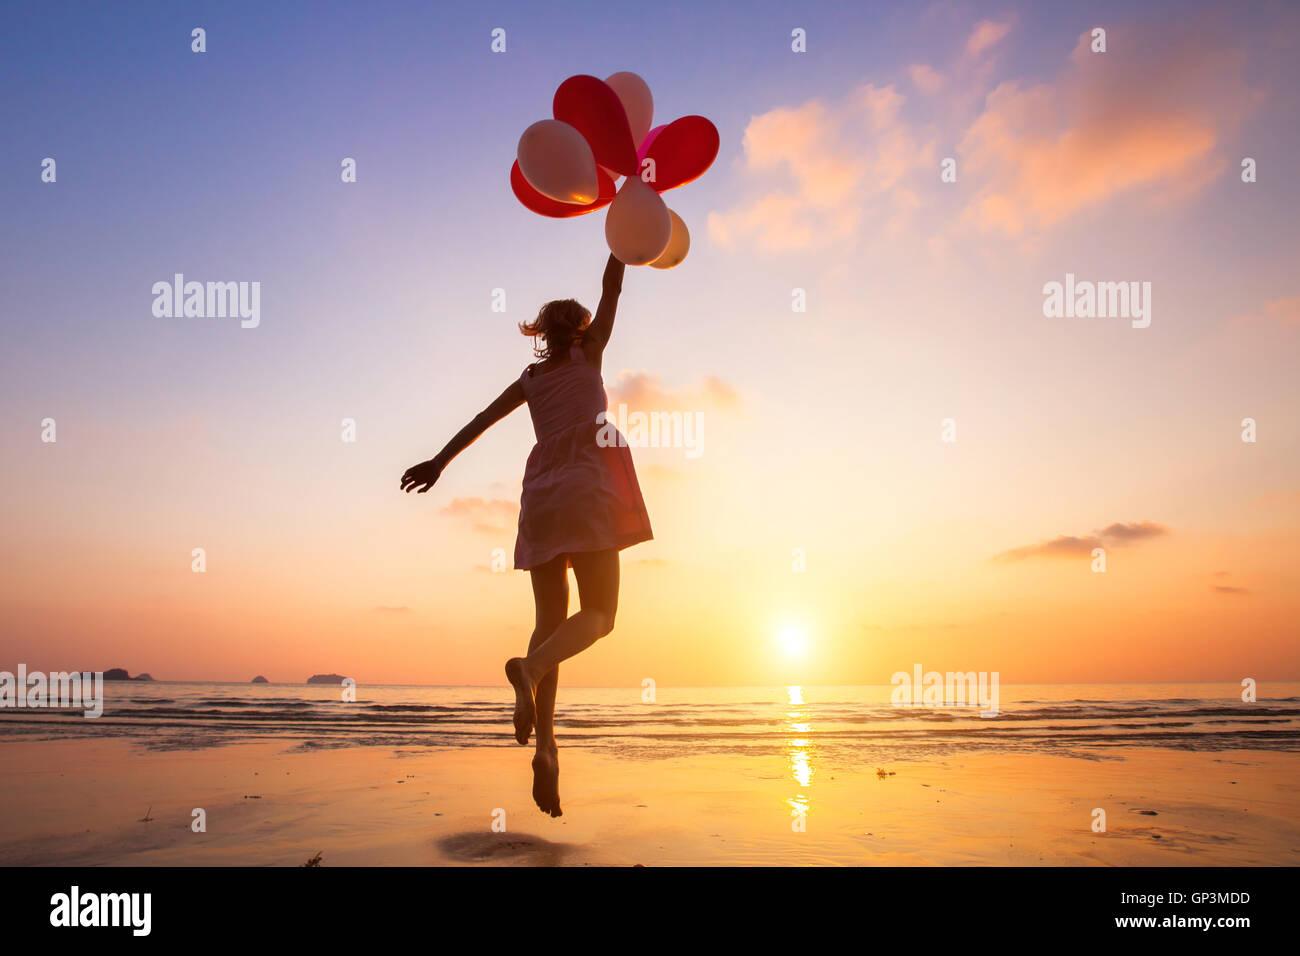 Imagination, happy girl jumping avec ballons multicolores au coucher du soleil sur la plage, fly, suivez votre rêve Photo Stock